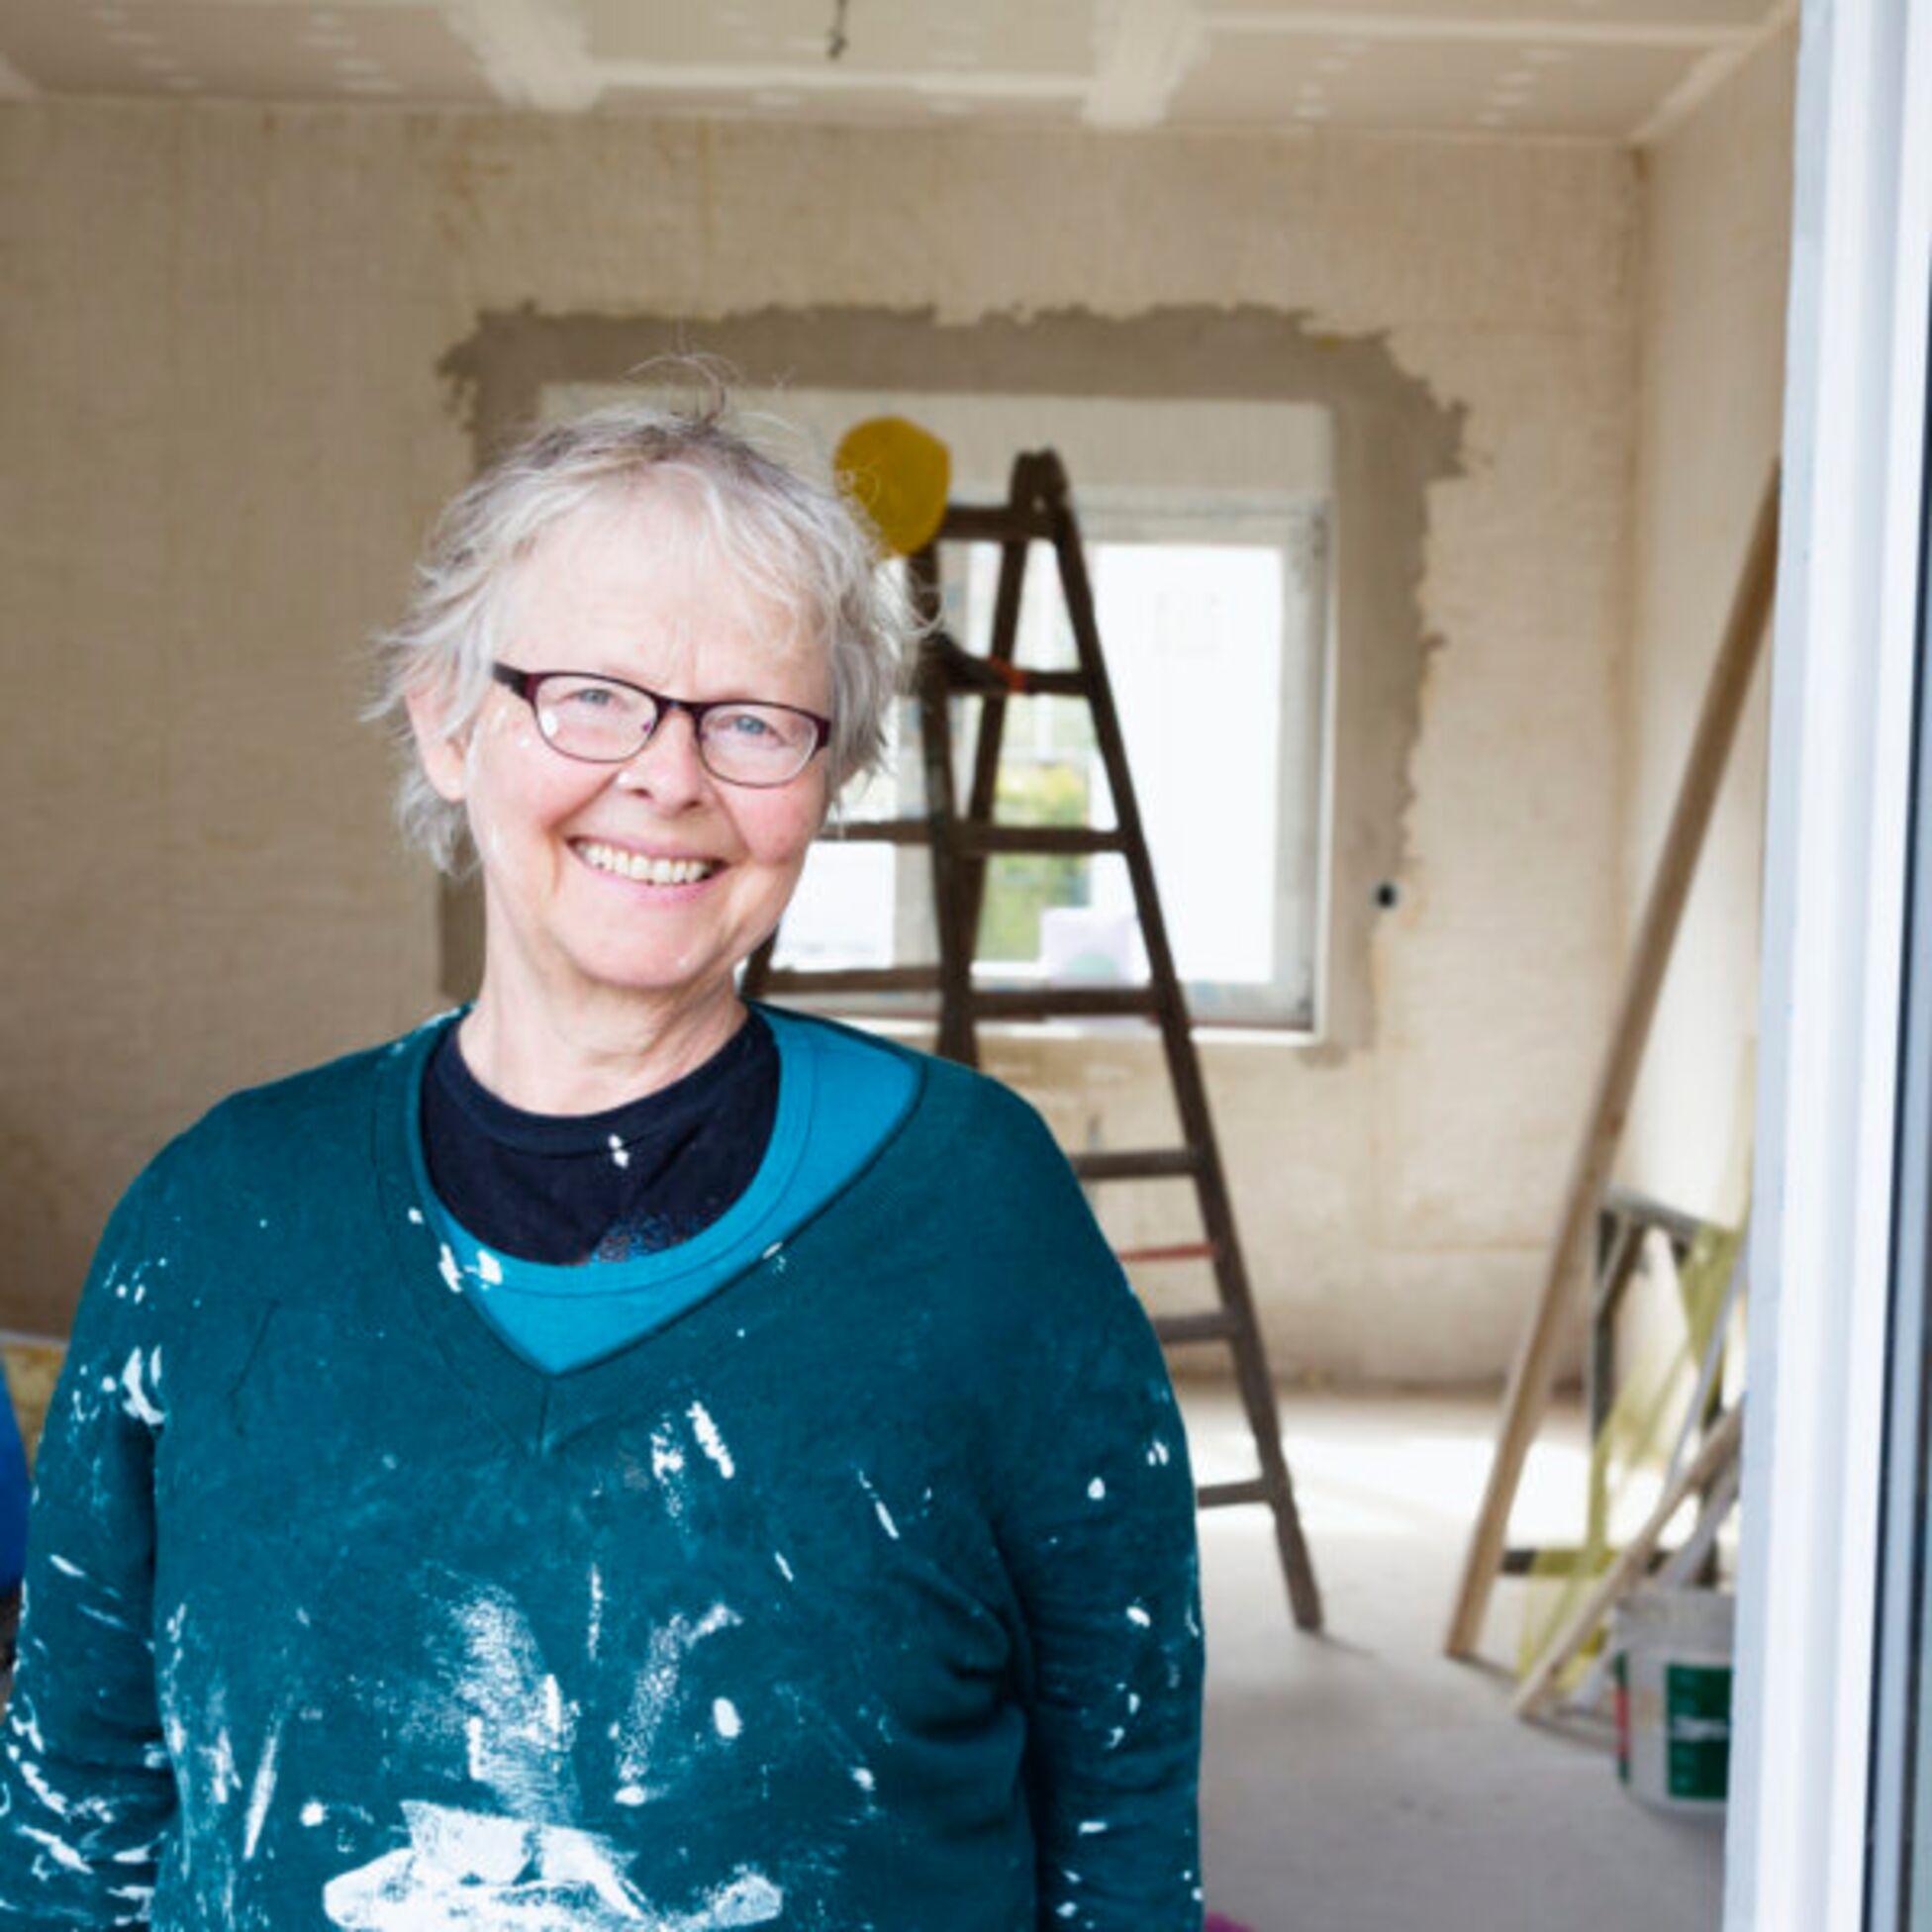 Ältere Frau renoviert fröhlich eine Wohnung